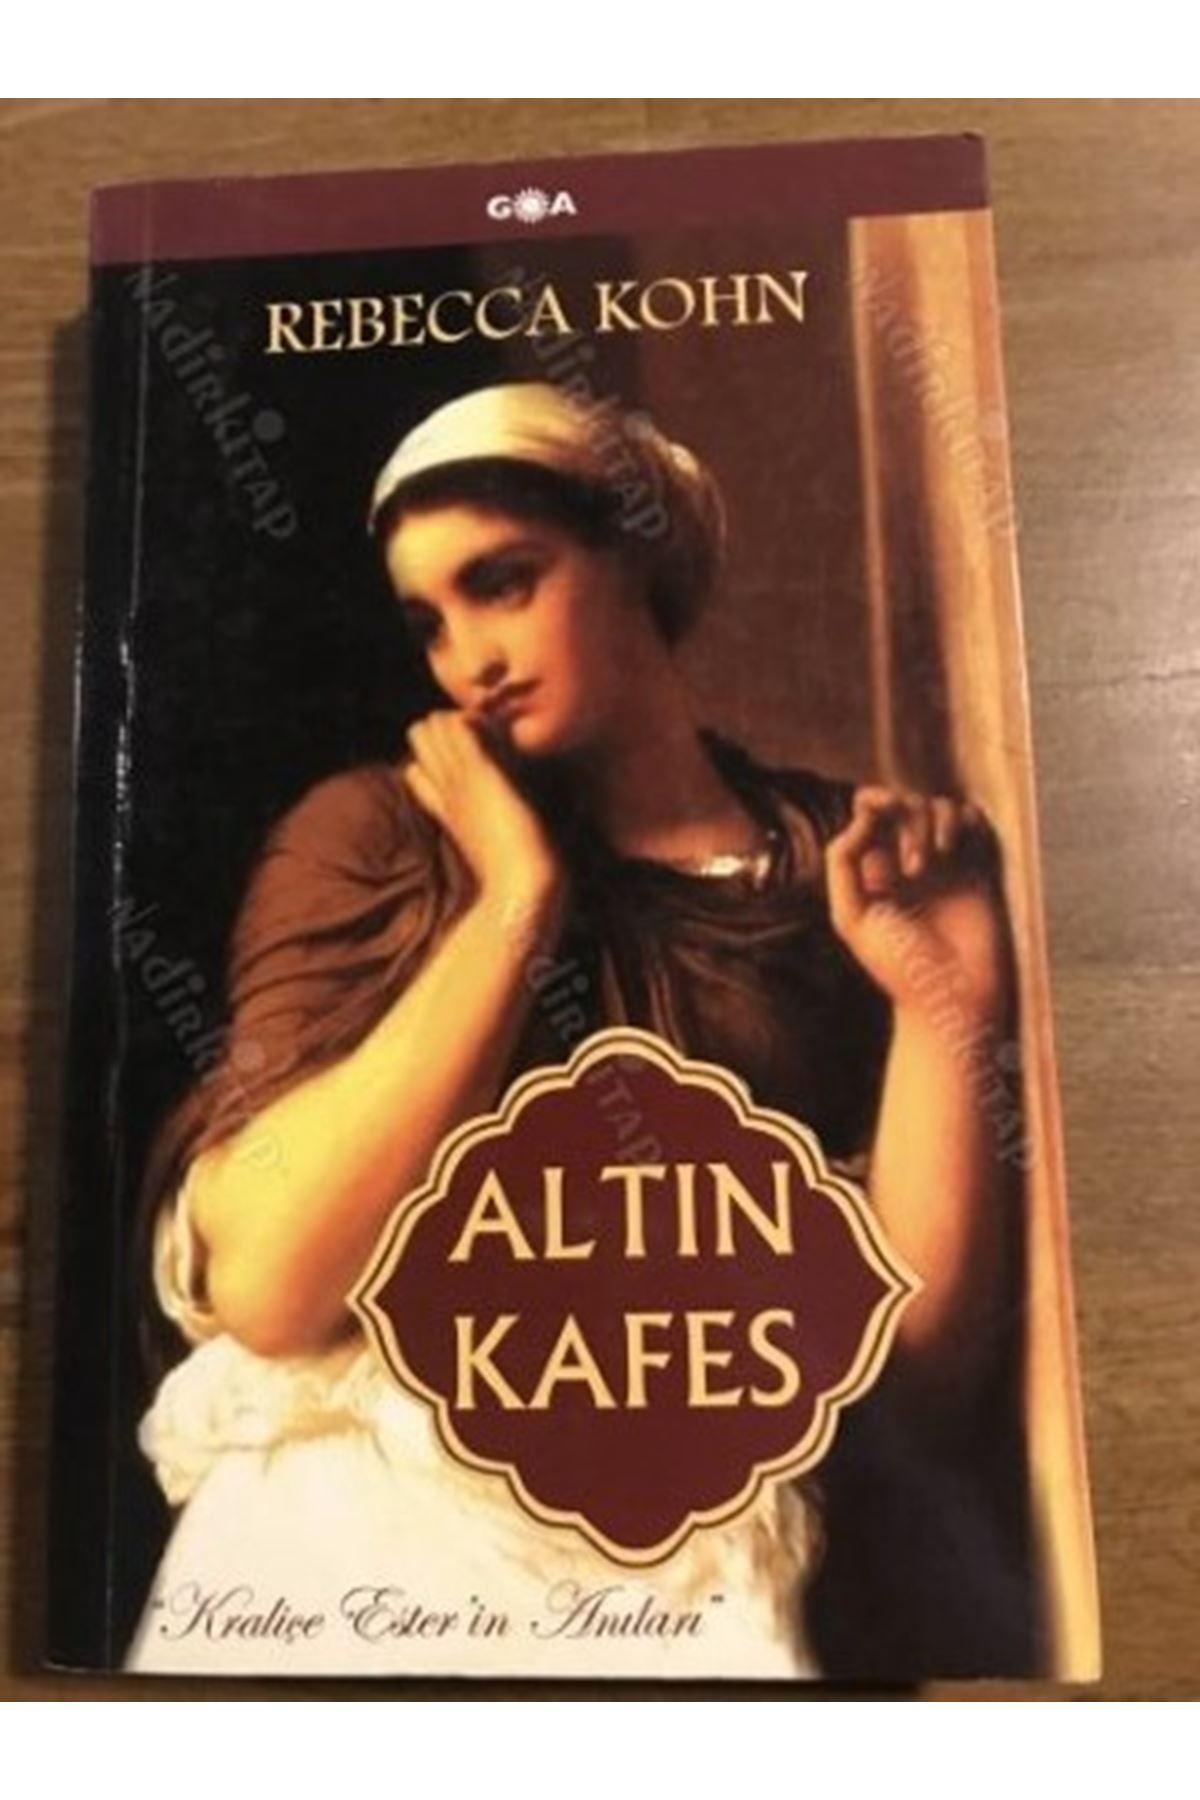 REBECCA KOHN - ALTIN KAFES